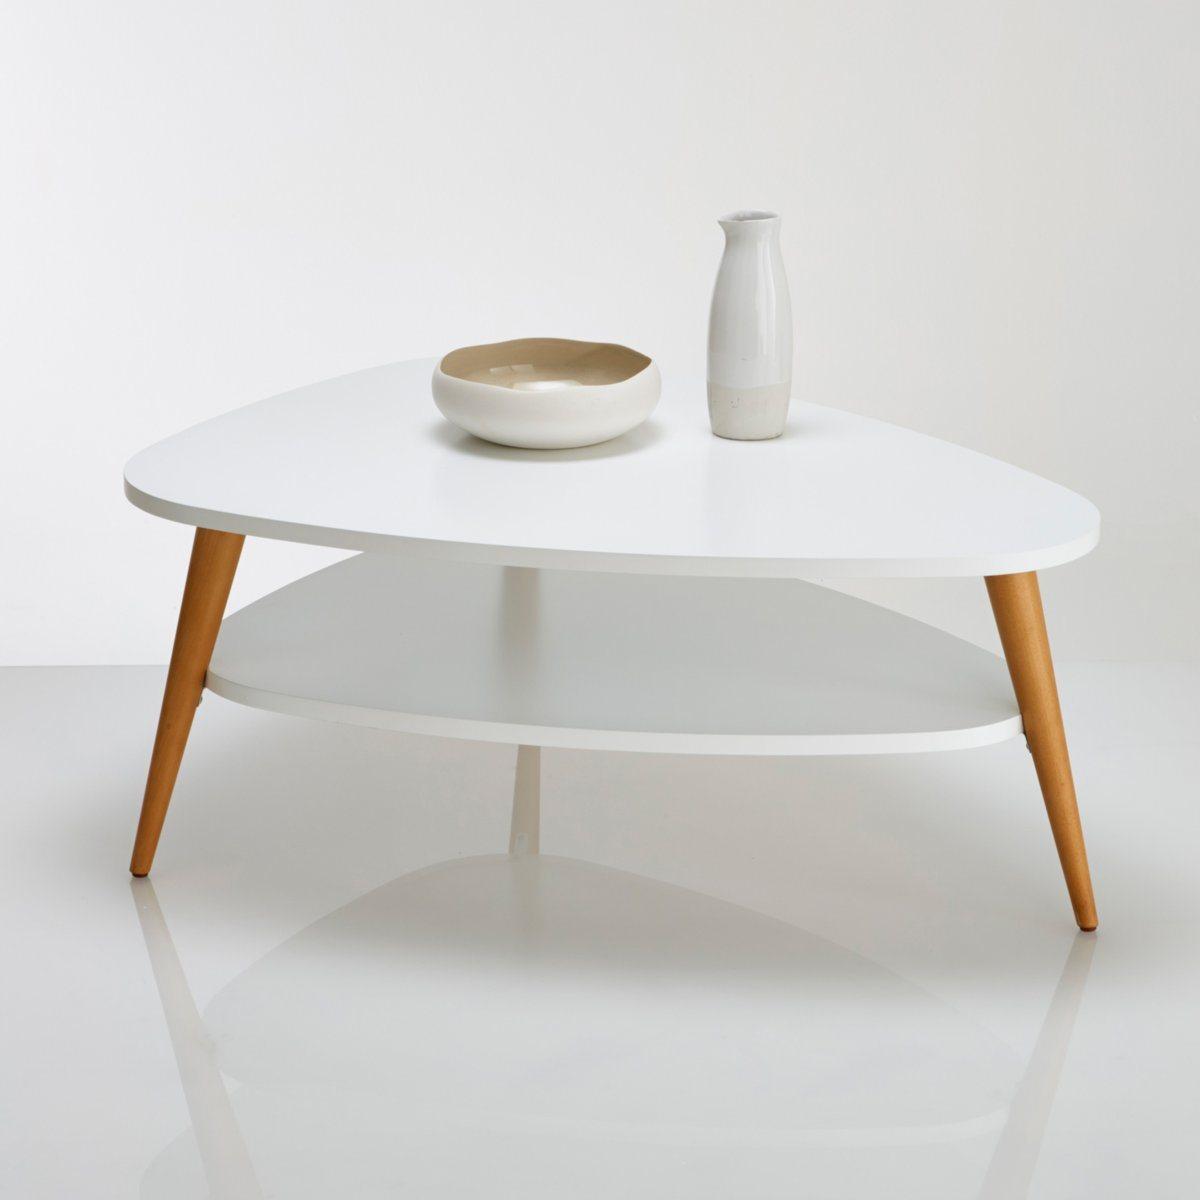 Table basse vintage blanc et bois